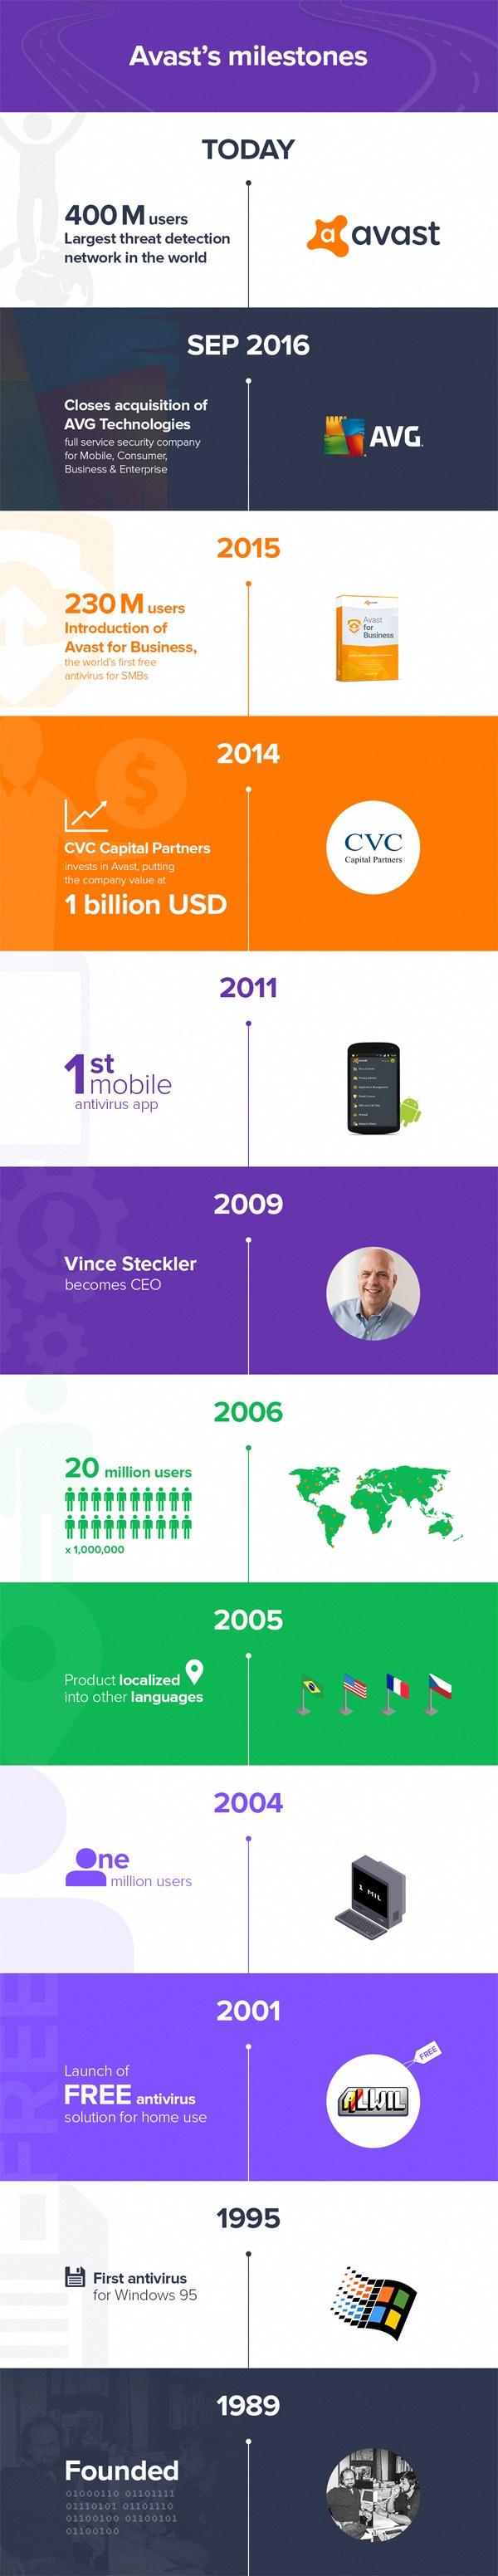 Avast milestones infographic